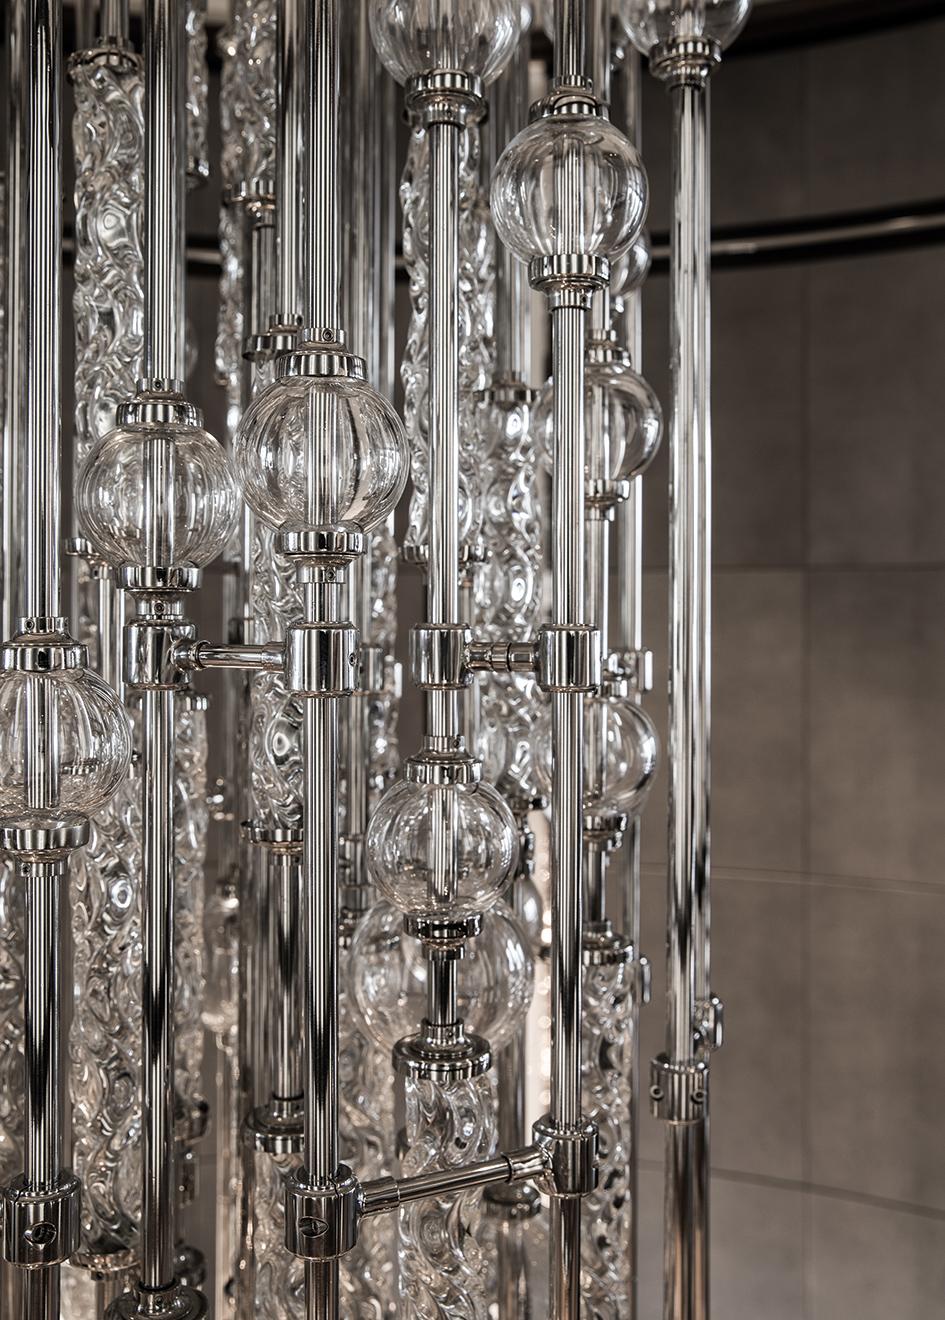 chandelier-detail-on-the-derektor-superyacht-aquila-after-her-pendennis-refit